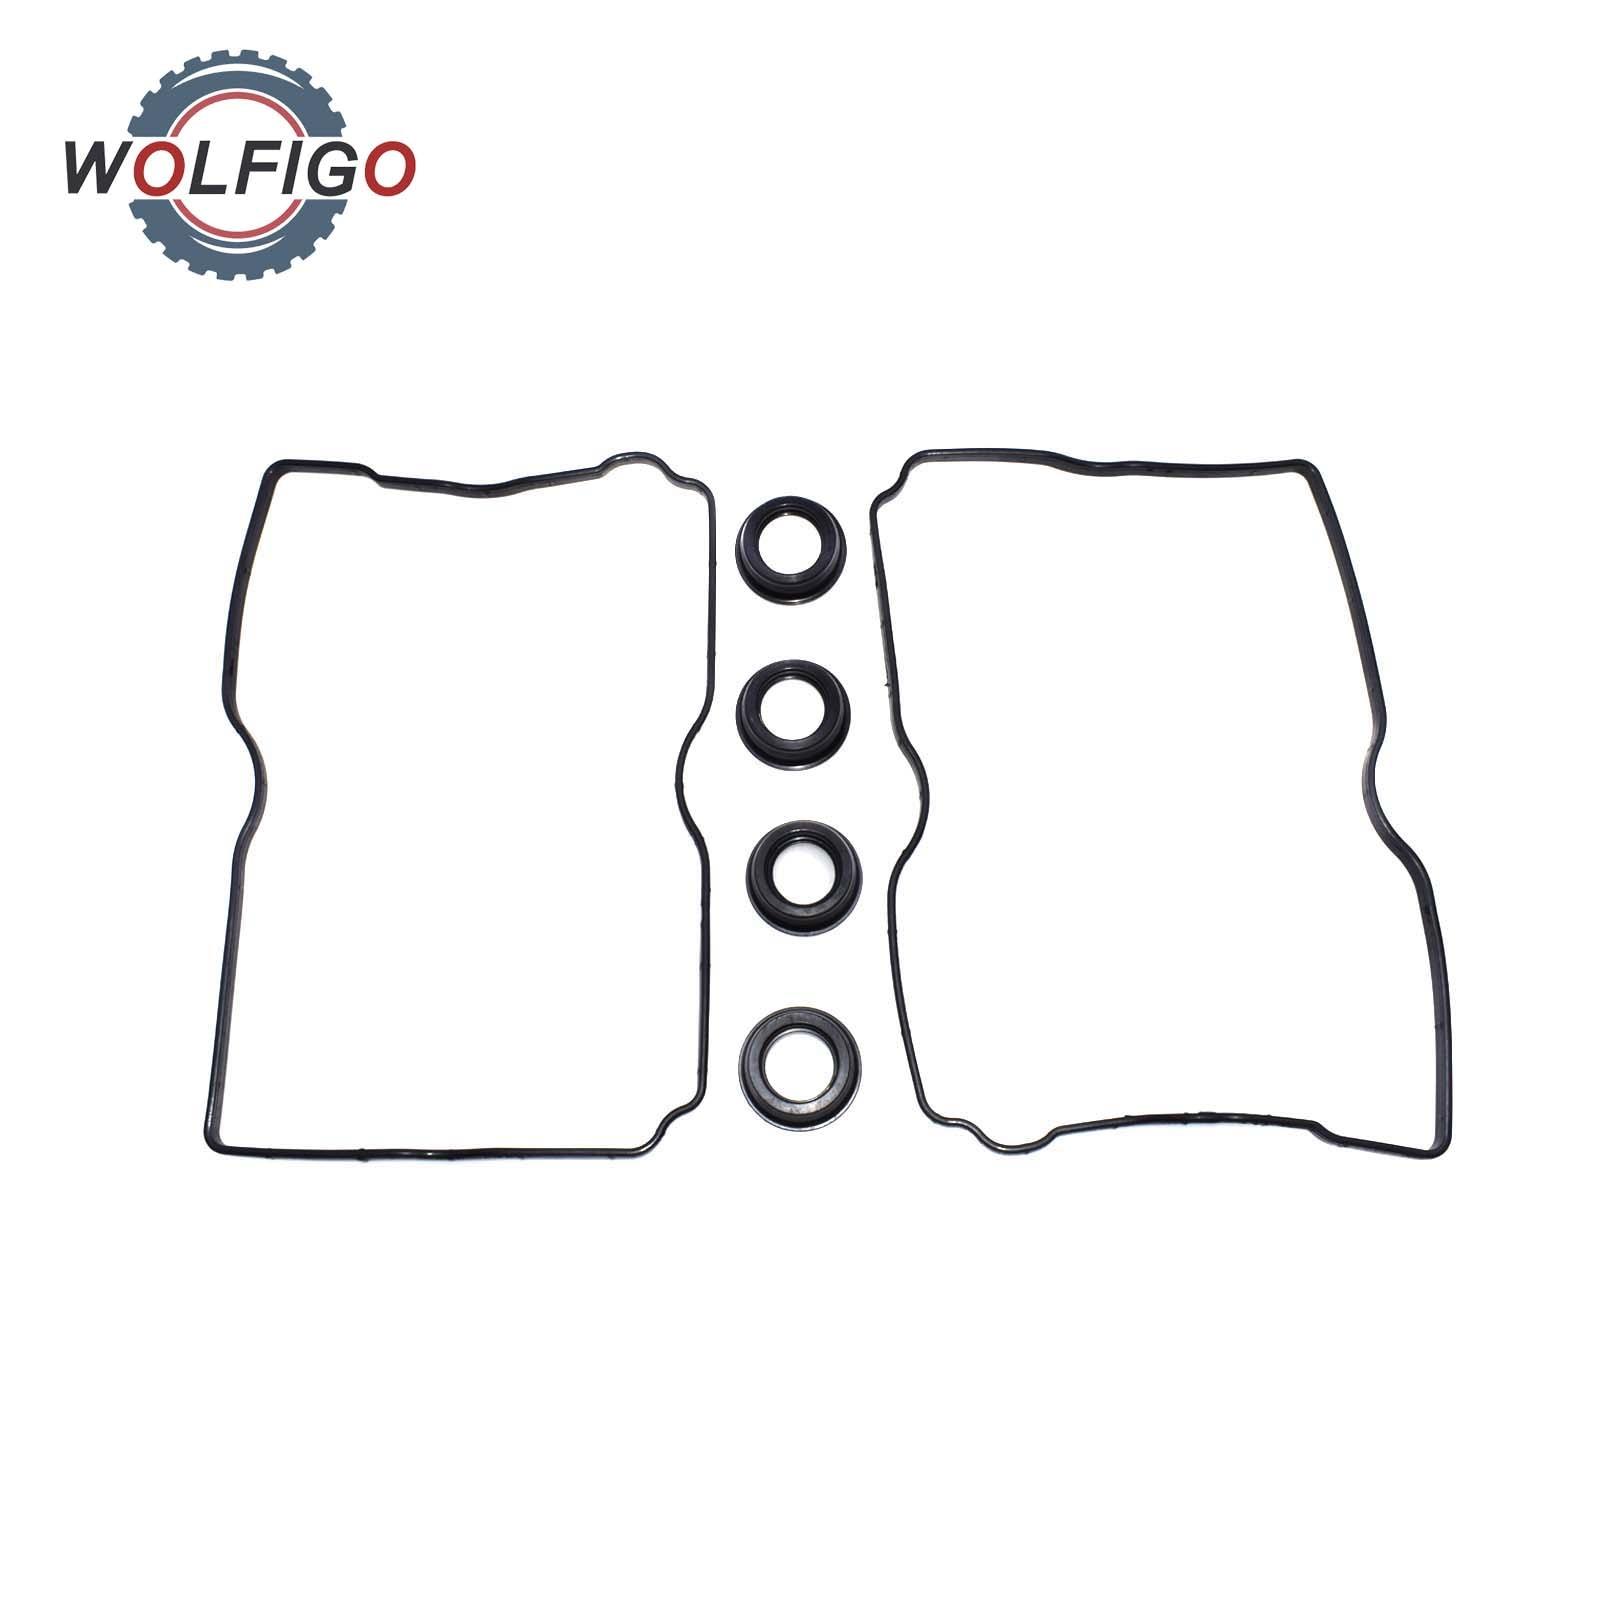 WOLFIGO Rocker Valve Cover Gasket & Spark Plug Seals For